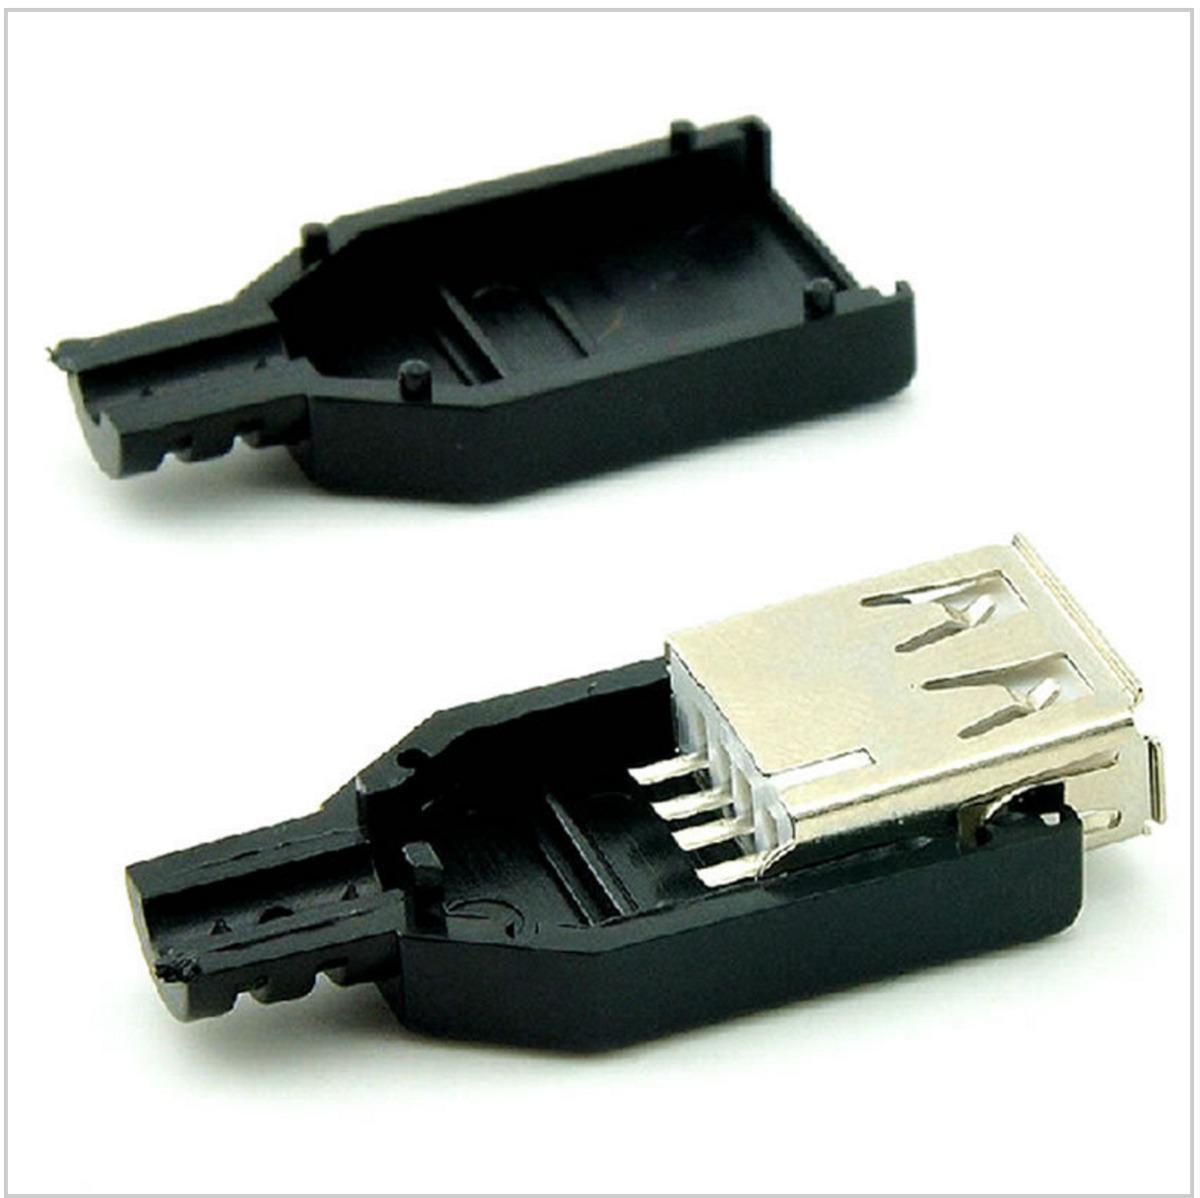 conectores usb 2 0 kit para montar 5 femea e 5 macho r 29 00 em